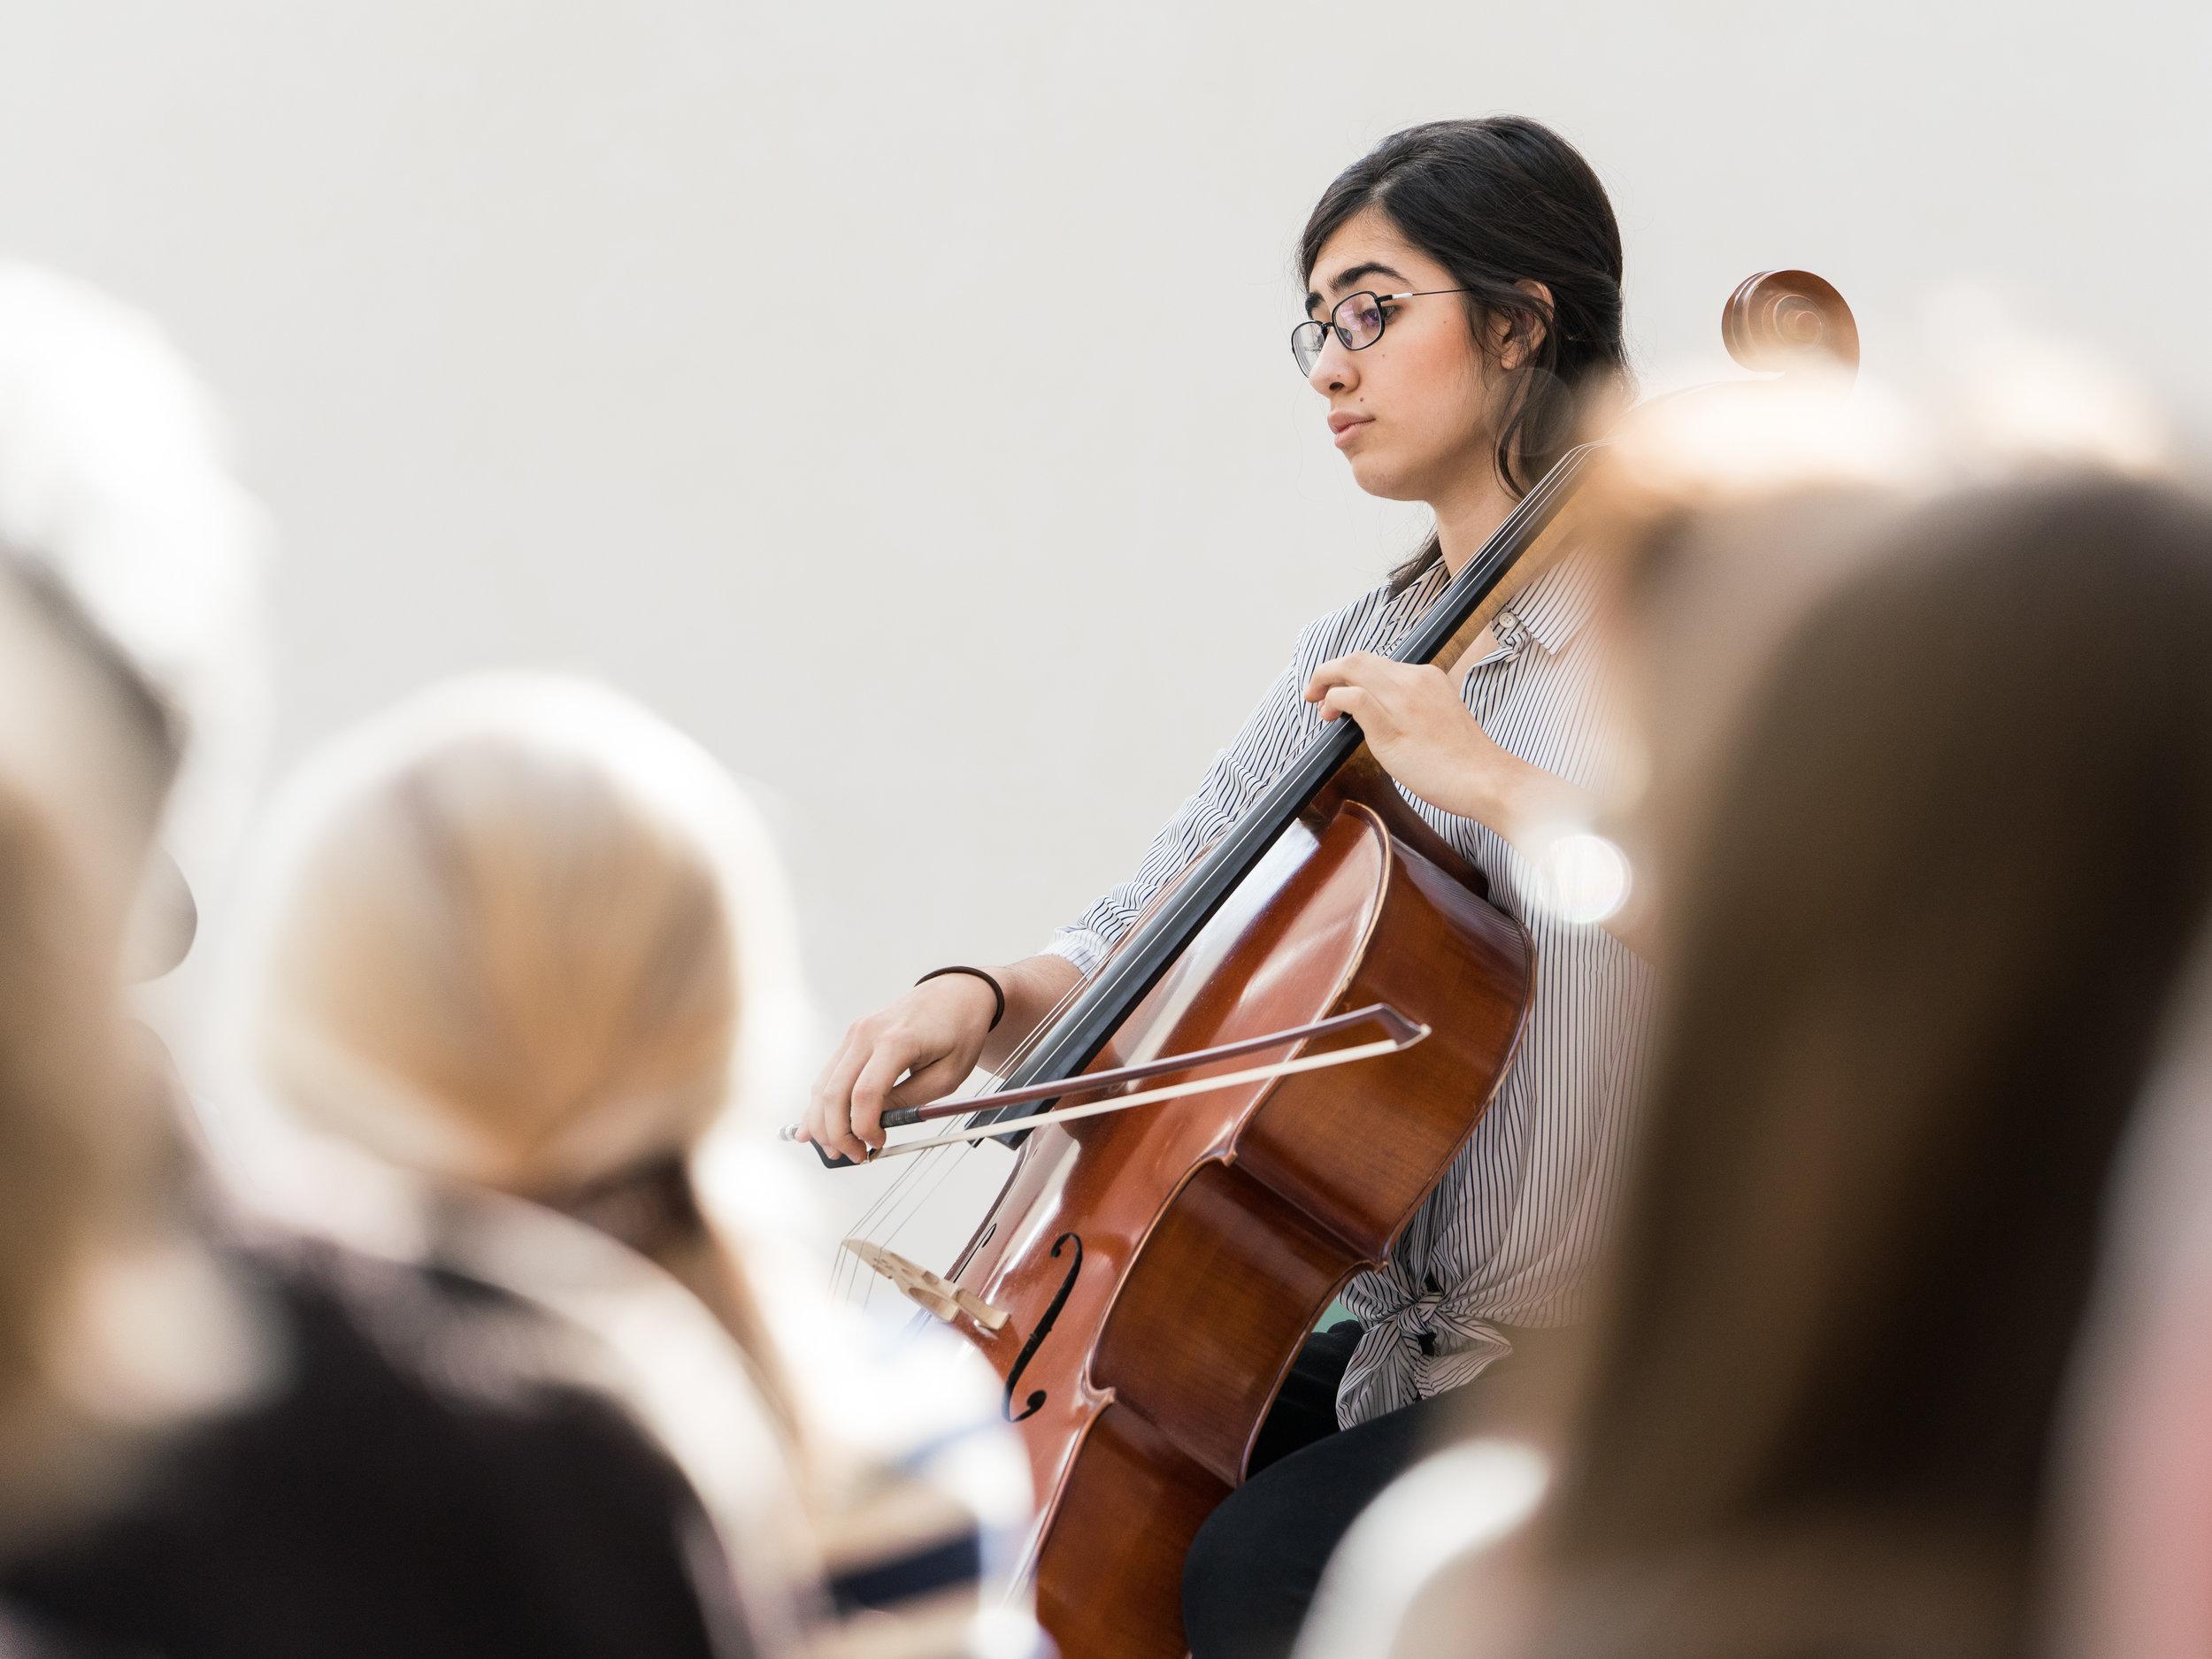 Konzert am Mittag - Cello20180206_026-036.jpg